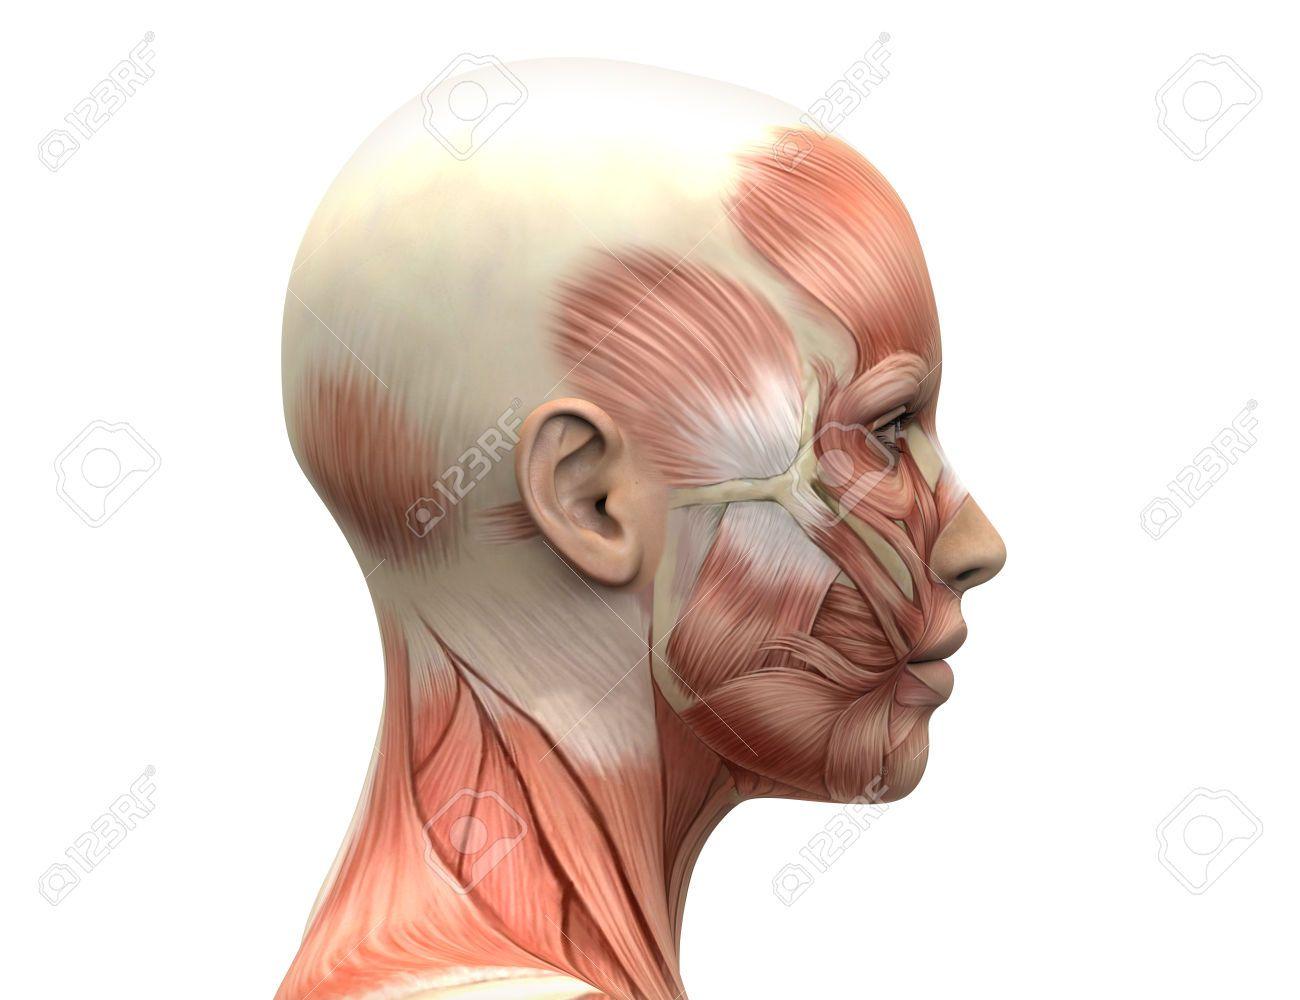 Pin von Phil auf Anatomy | Pinterest